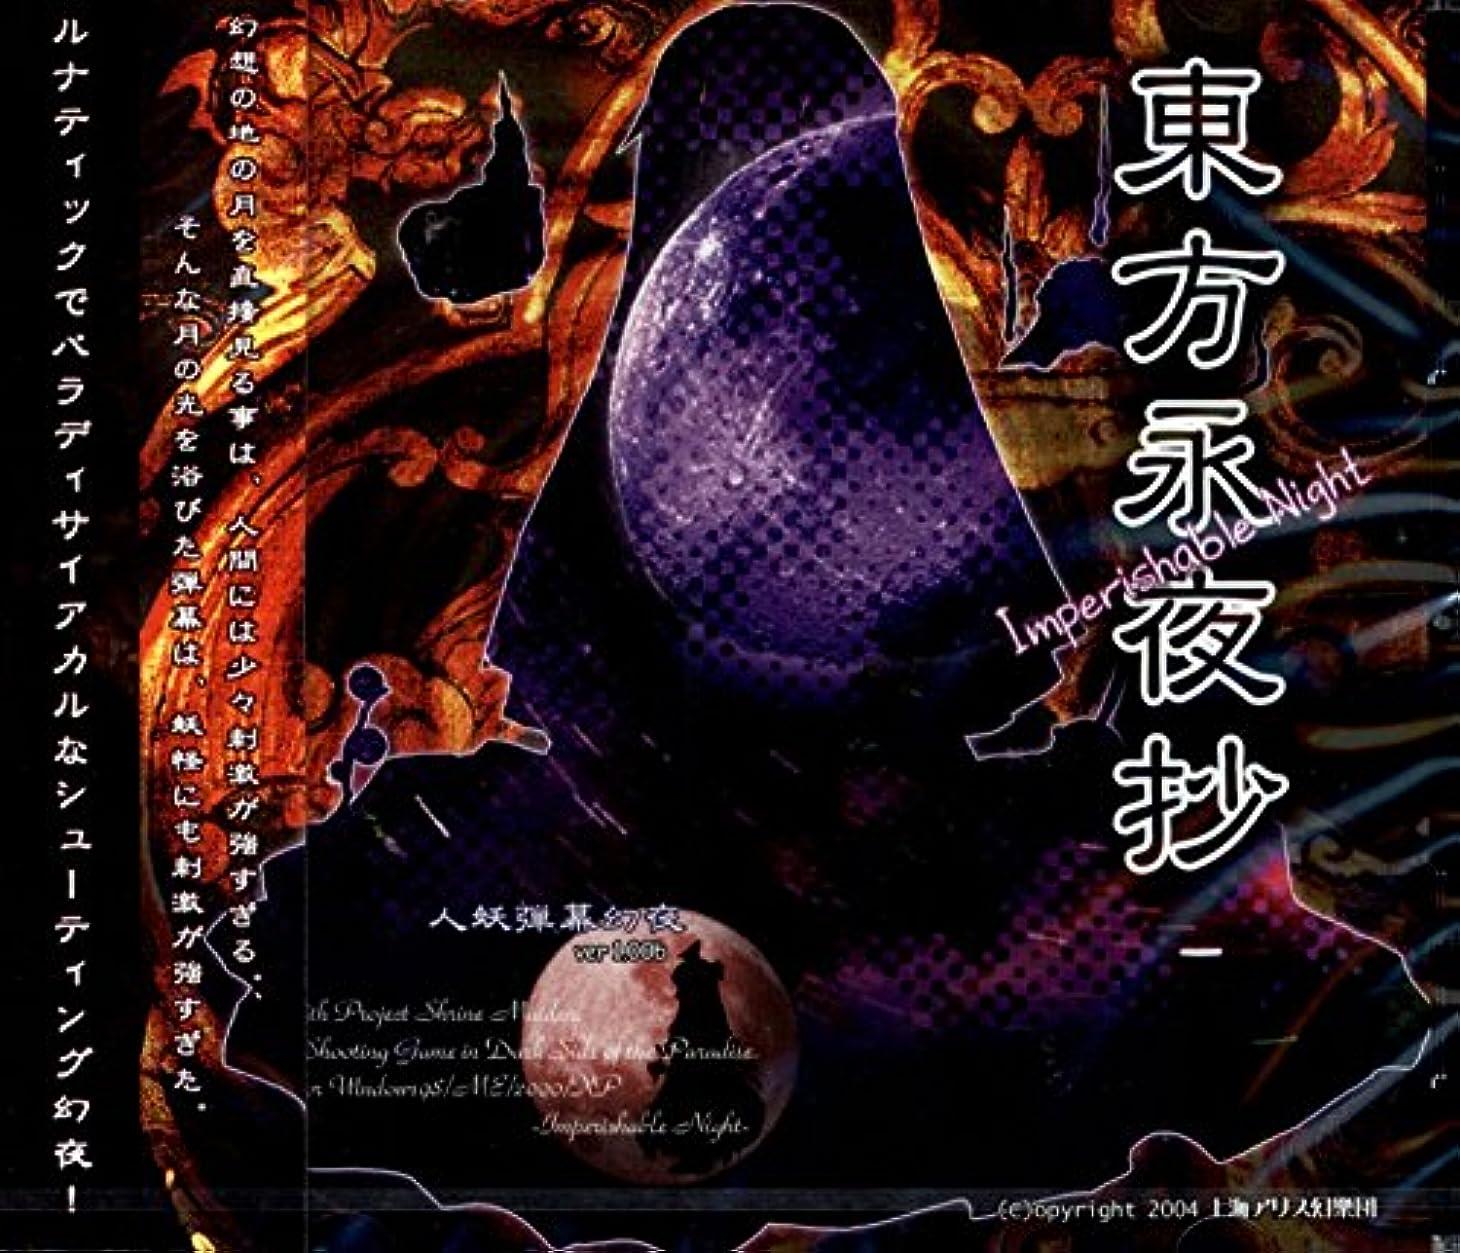 書士共和国シールド東方永夜抄 ~Imperishable Night.